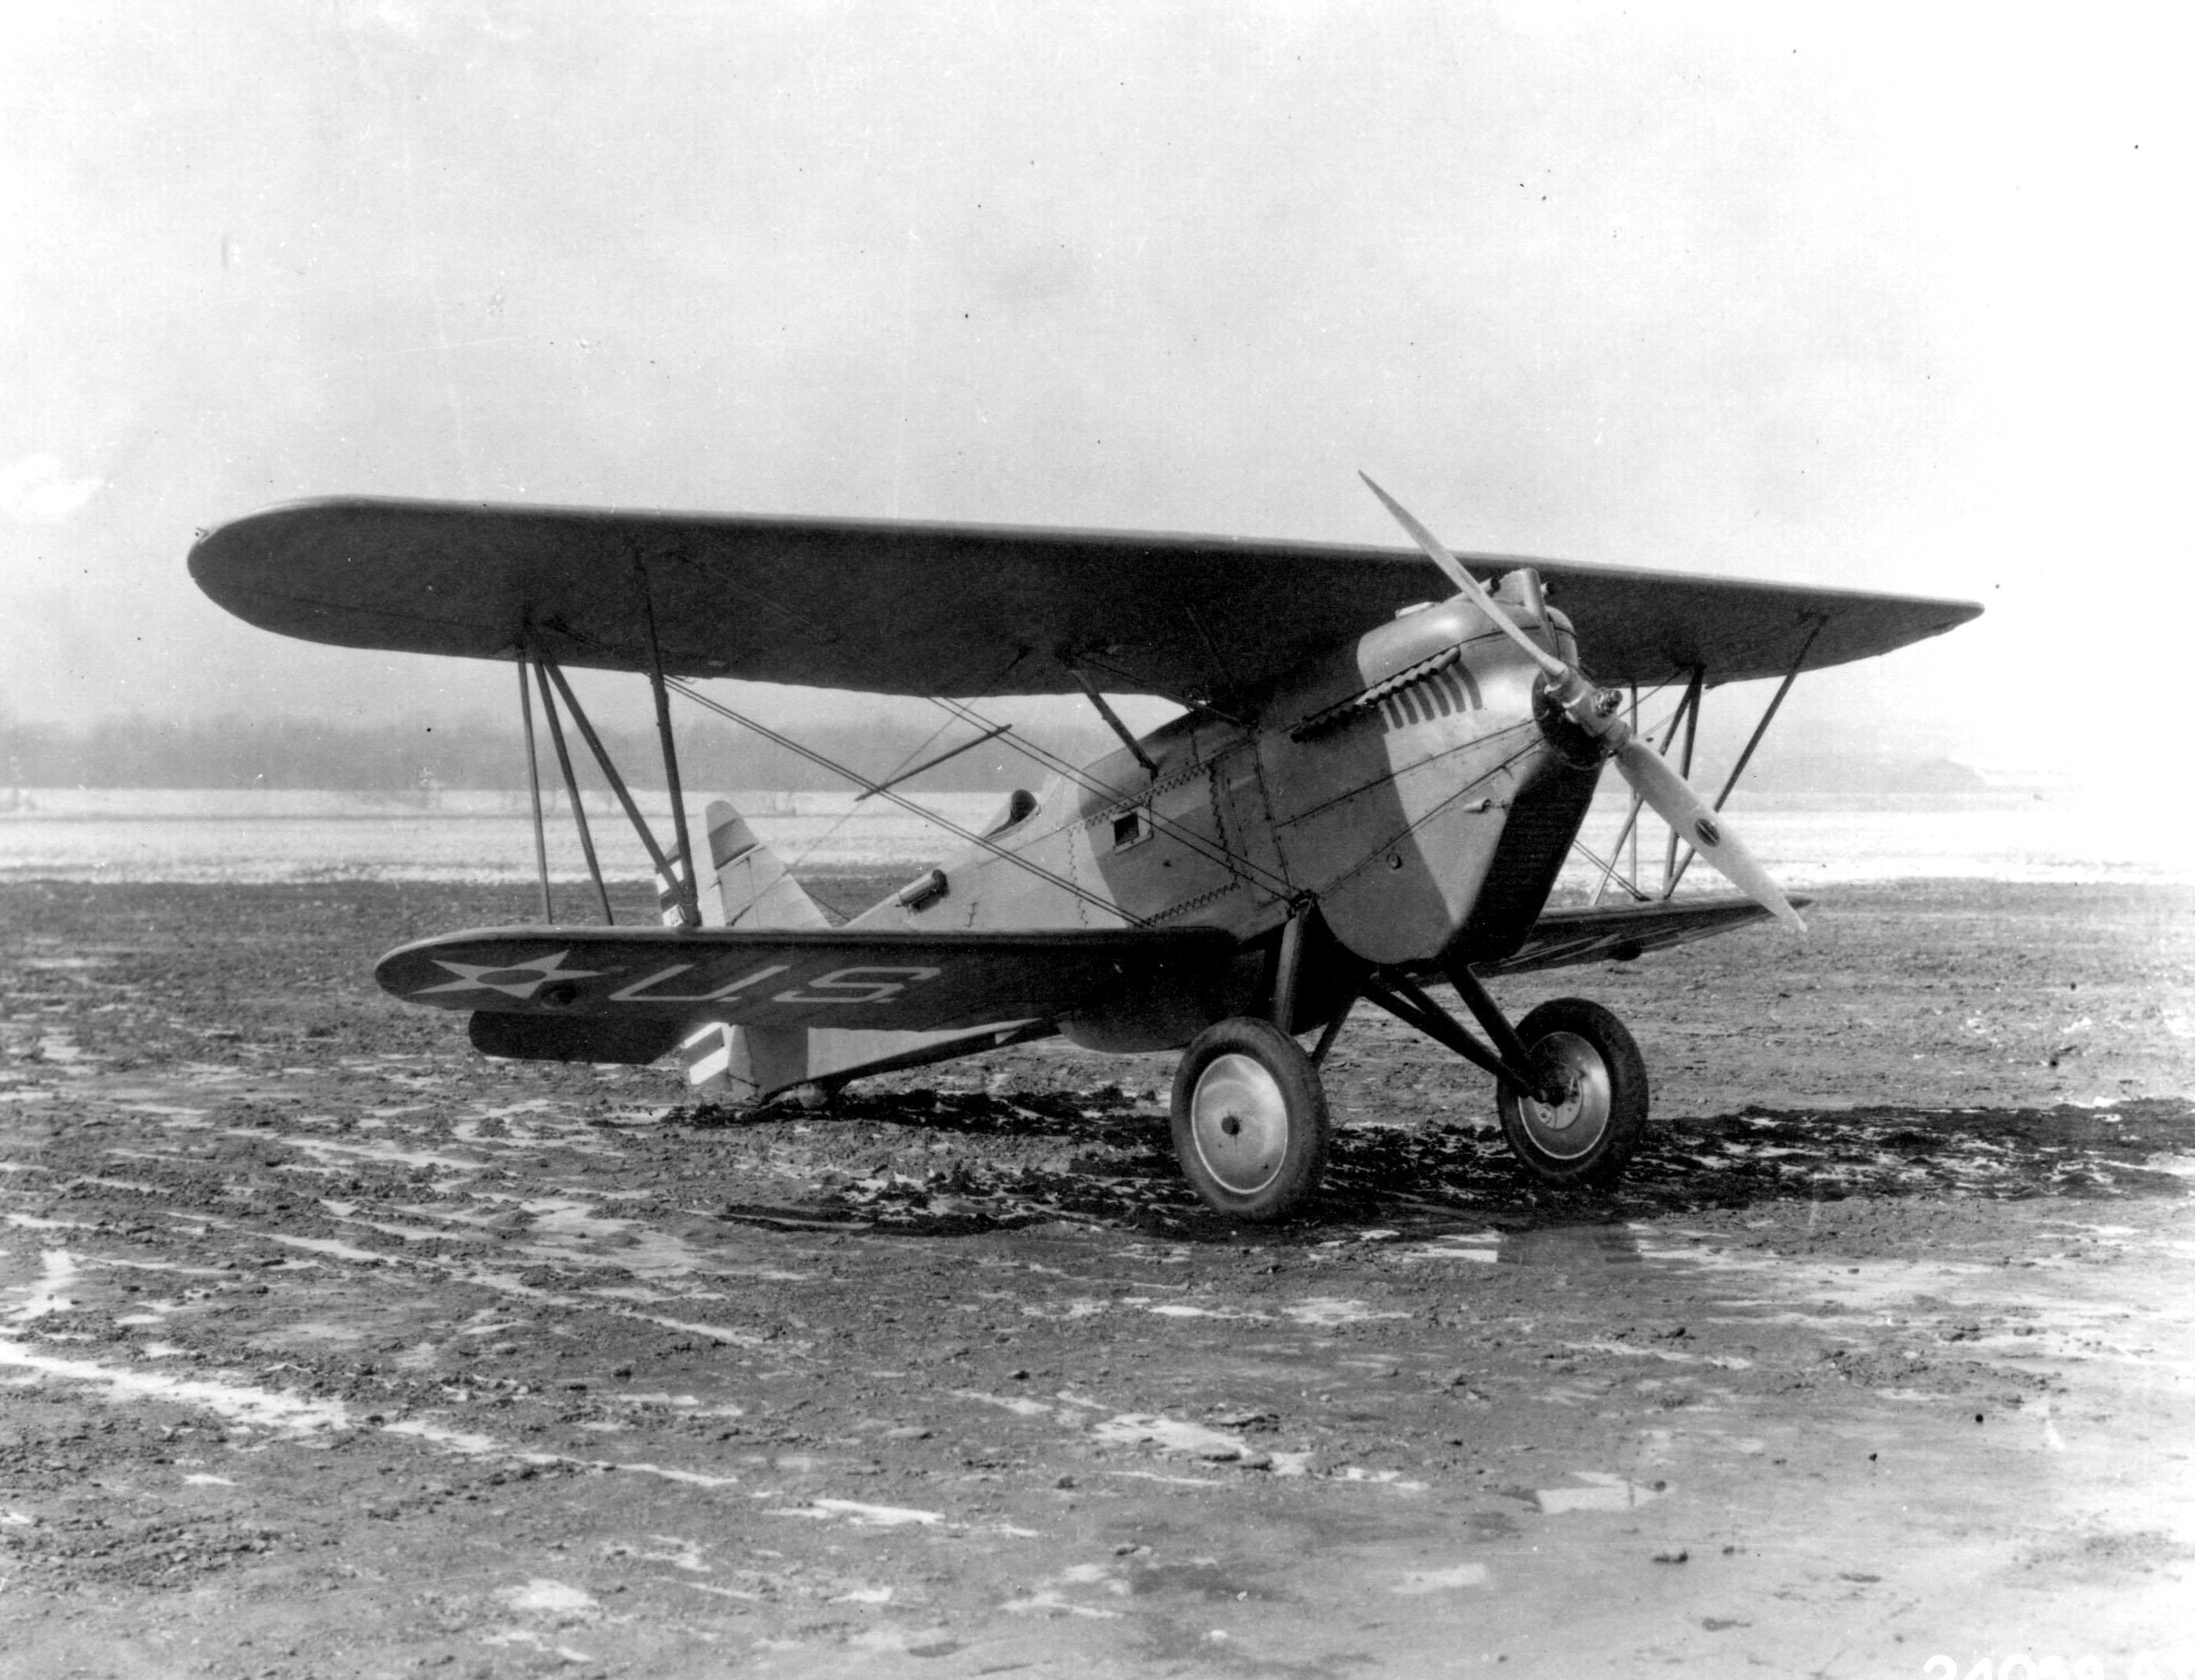 http://upload.wikimedia.org/wikipedia/commons/9/93/Curtiss_P-1B_Hawk.jpg